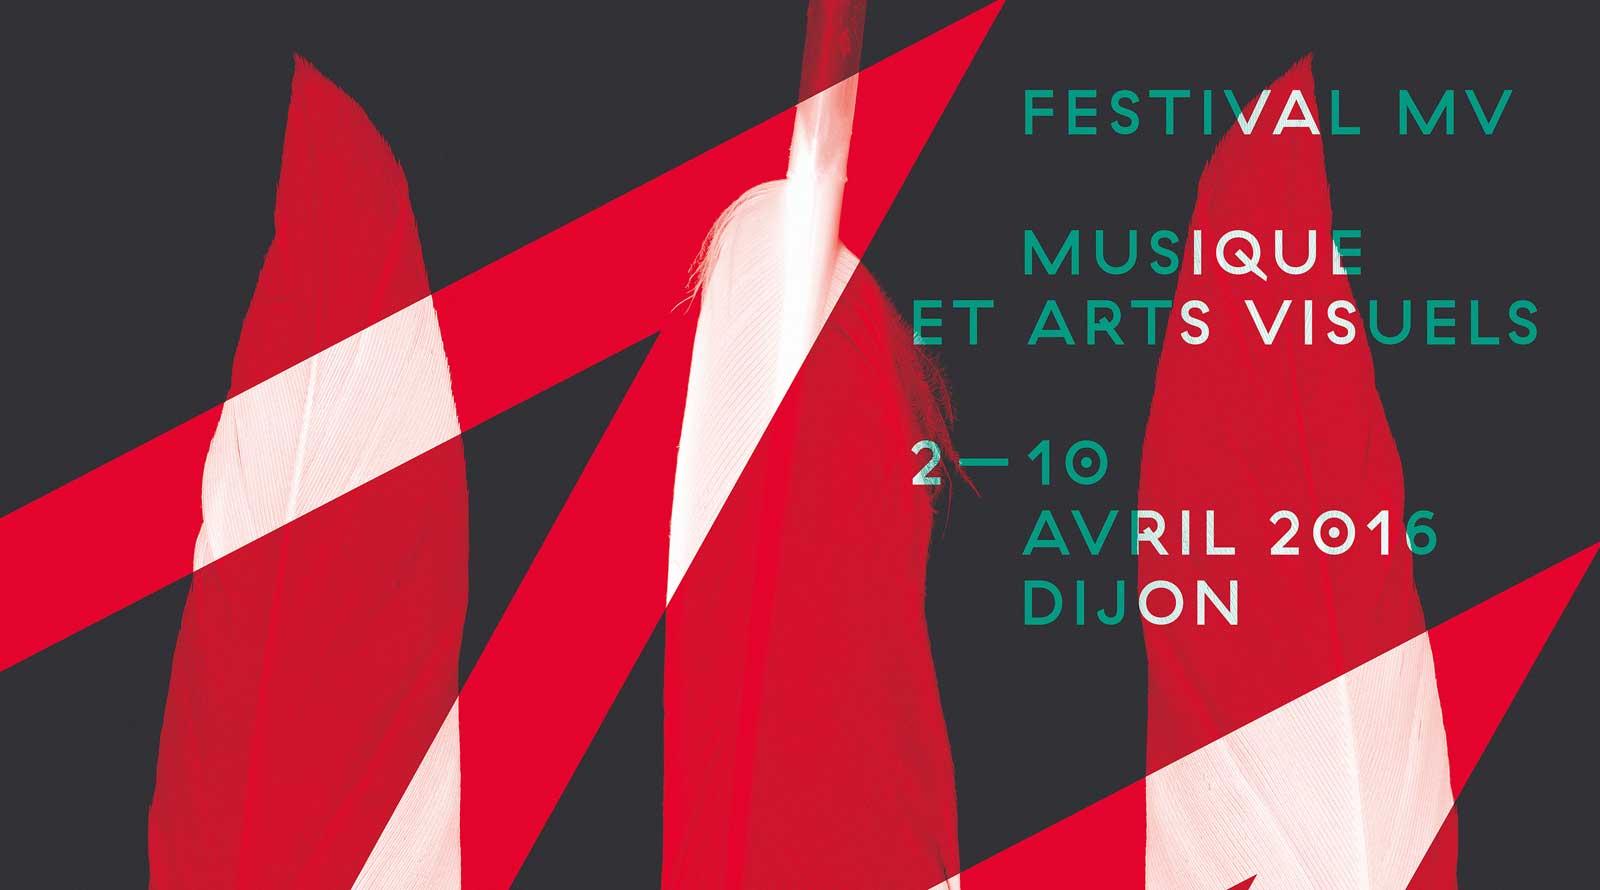 Festivals Mv